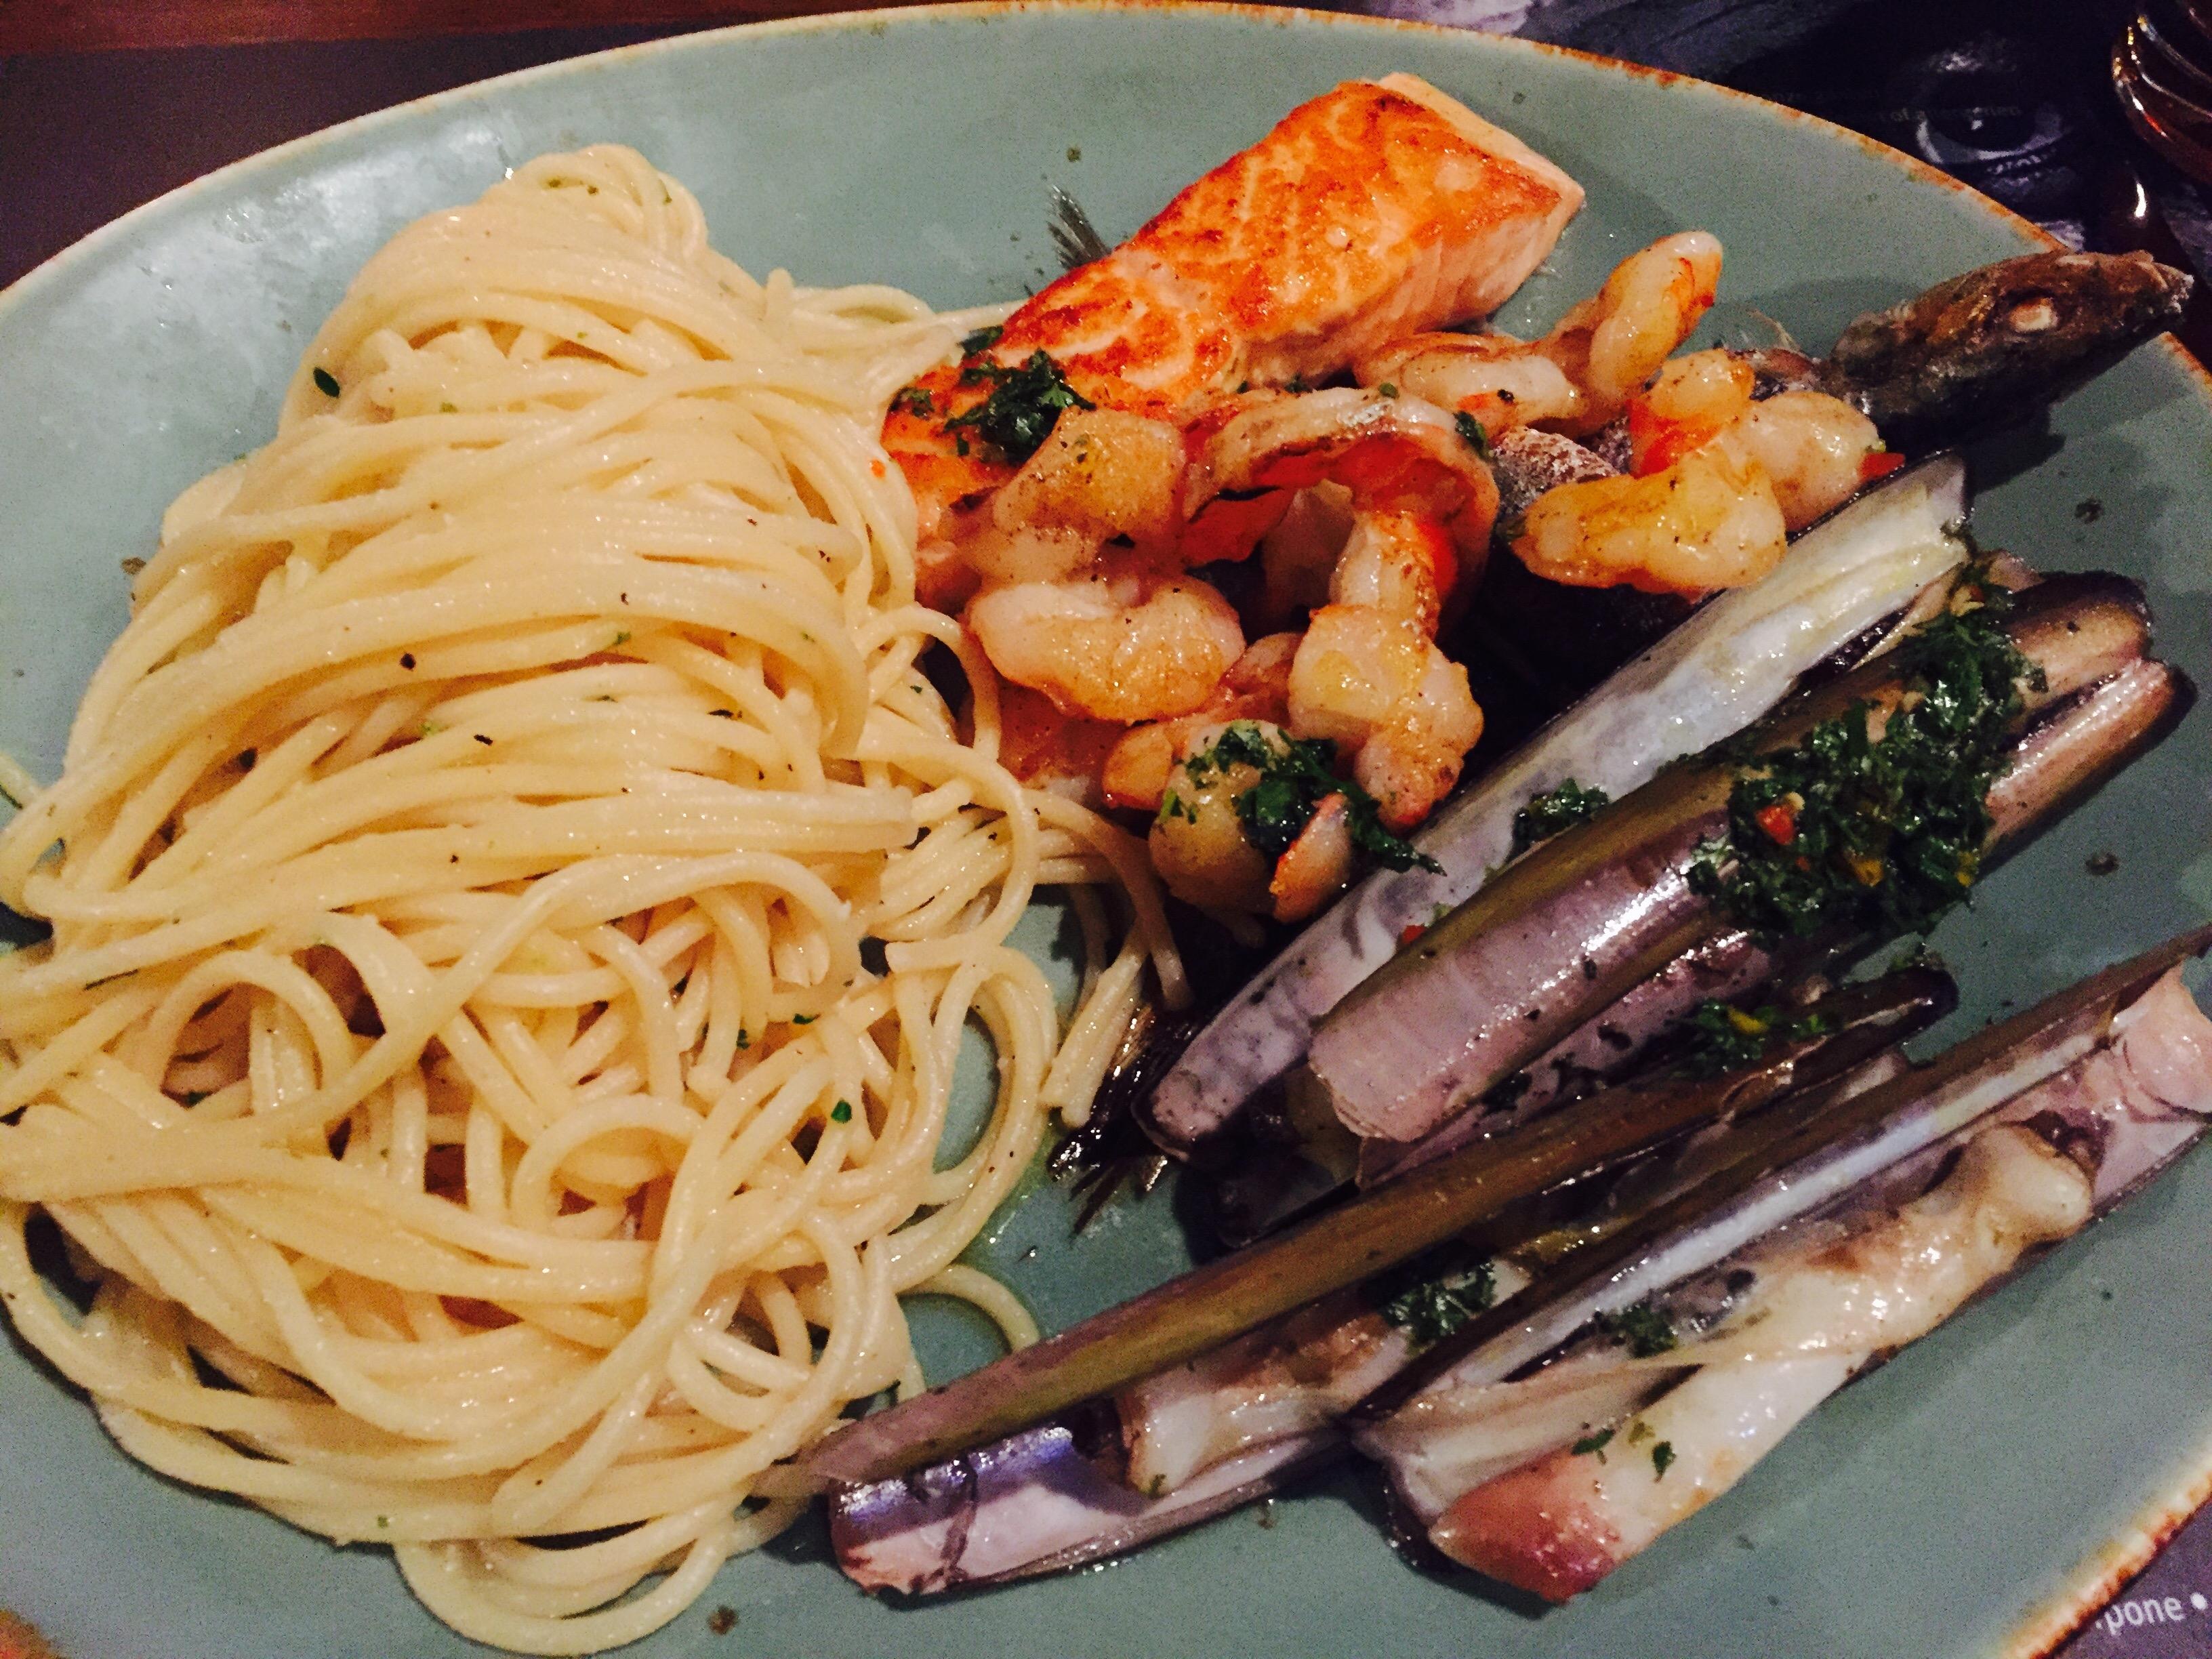 Fellini rotterdam lo amo il cibo italiano si buon appetito for Fellini rotterdam